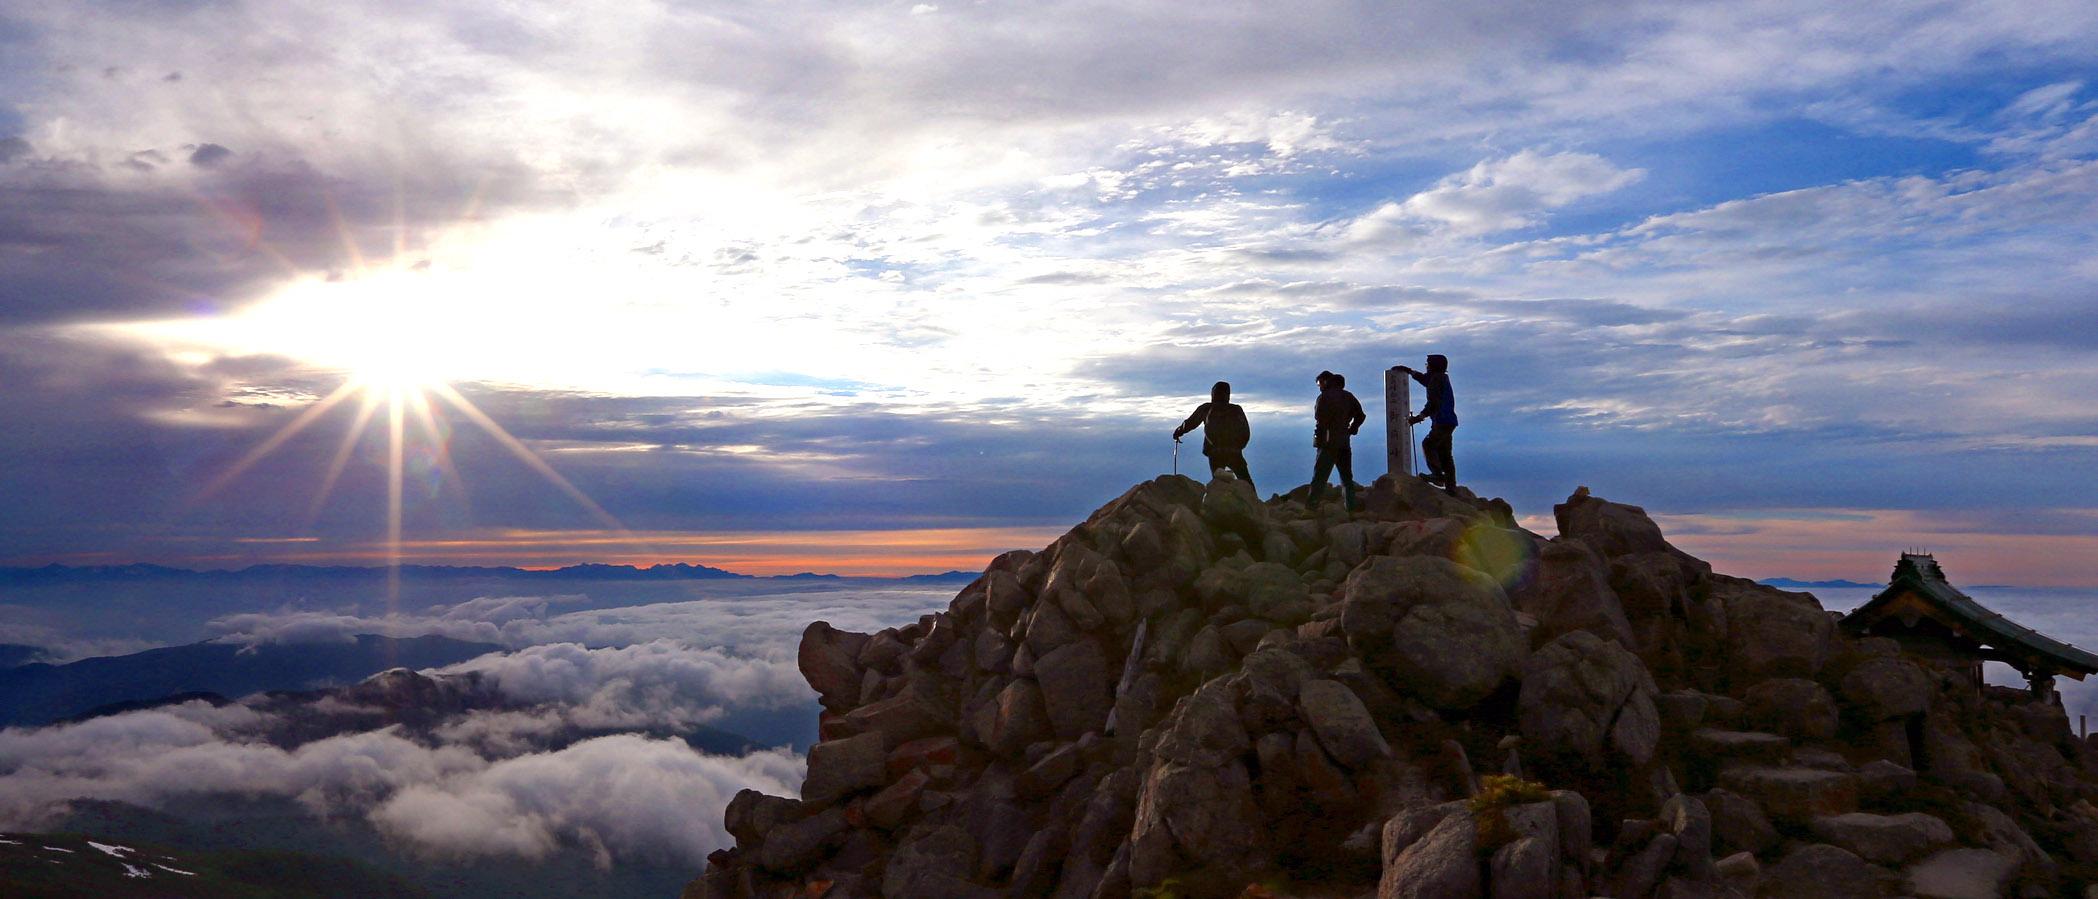 雲海の向こうに広がる朝焼けの空=30日午前5時半、白山御前峰山頂(三上聡一撮影)